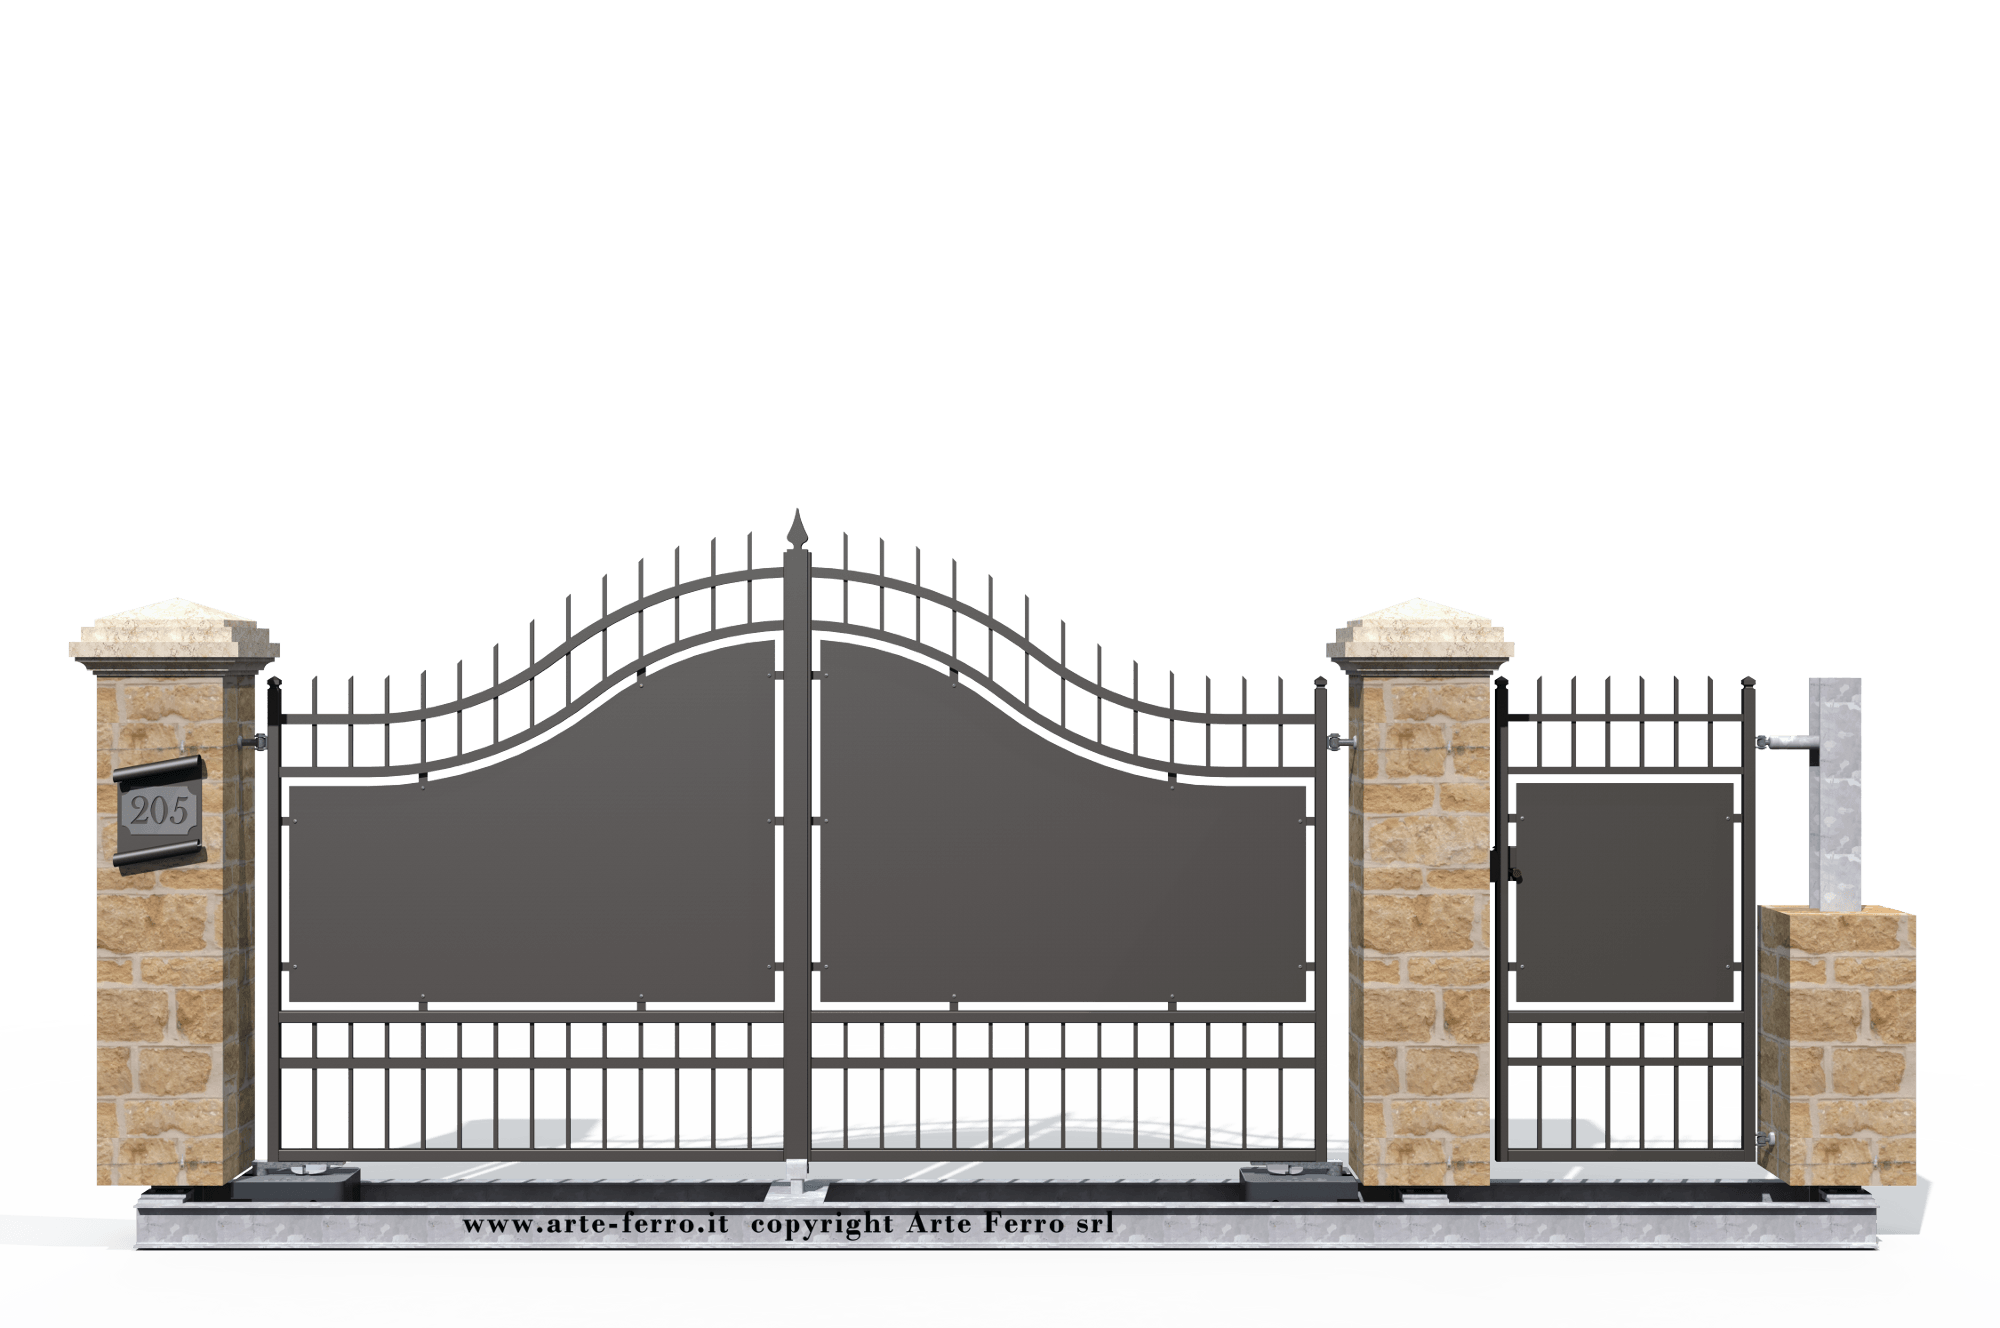 Cancello in ferro battuto 205 for Lance per cancelli in ferro